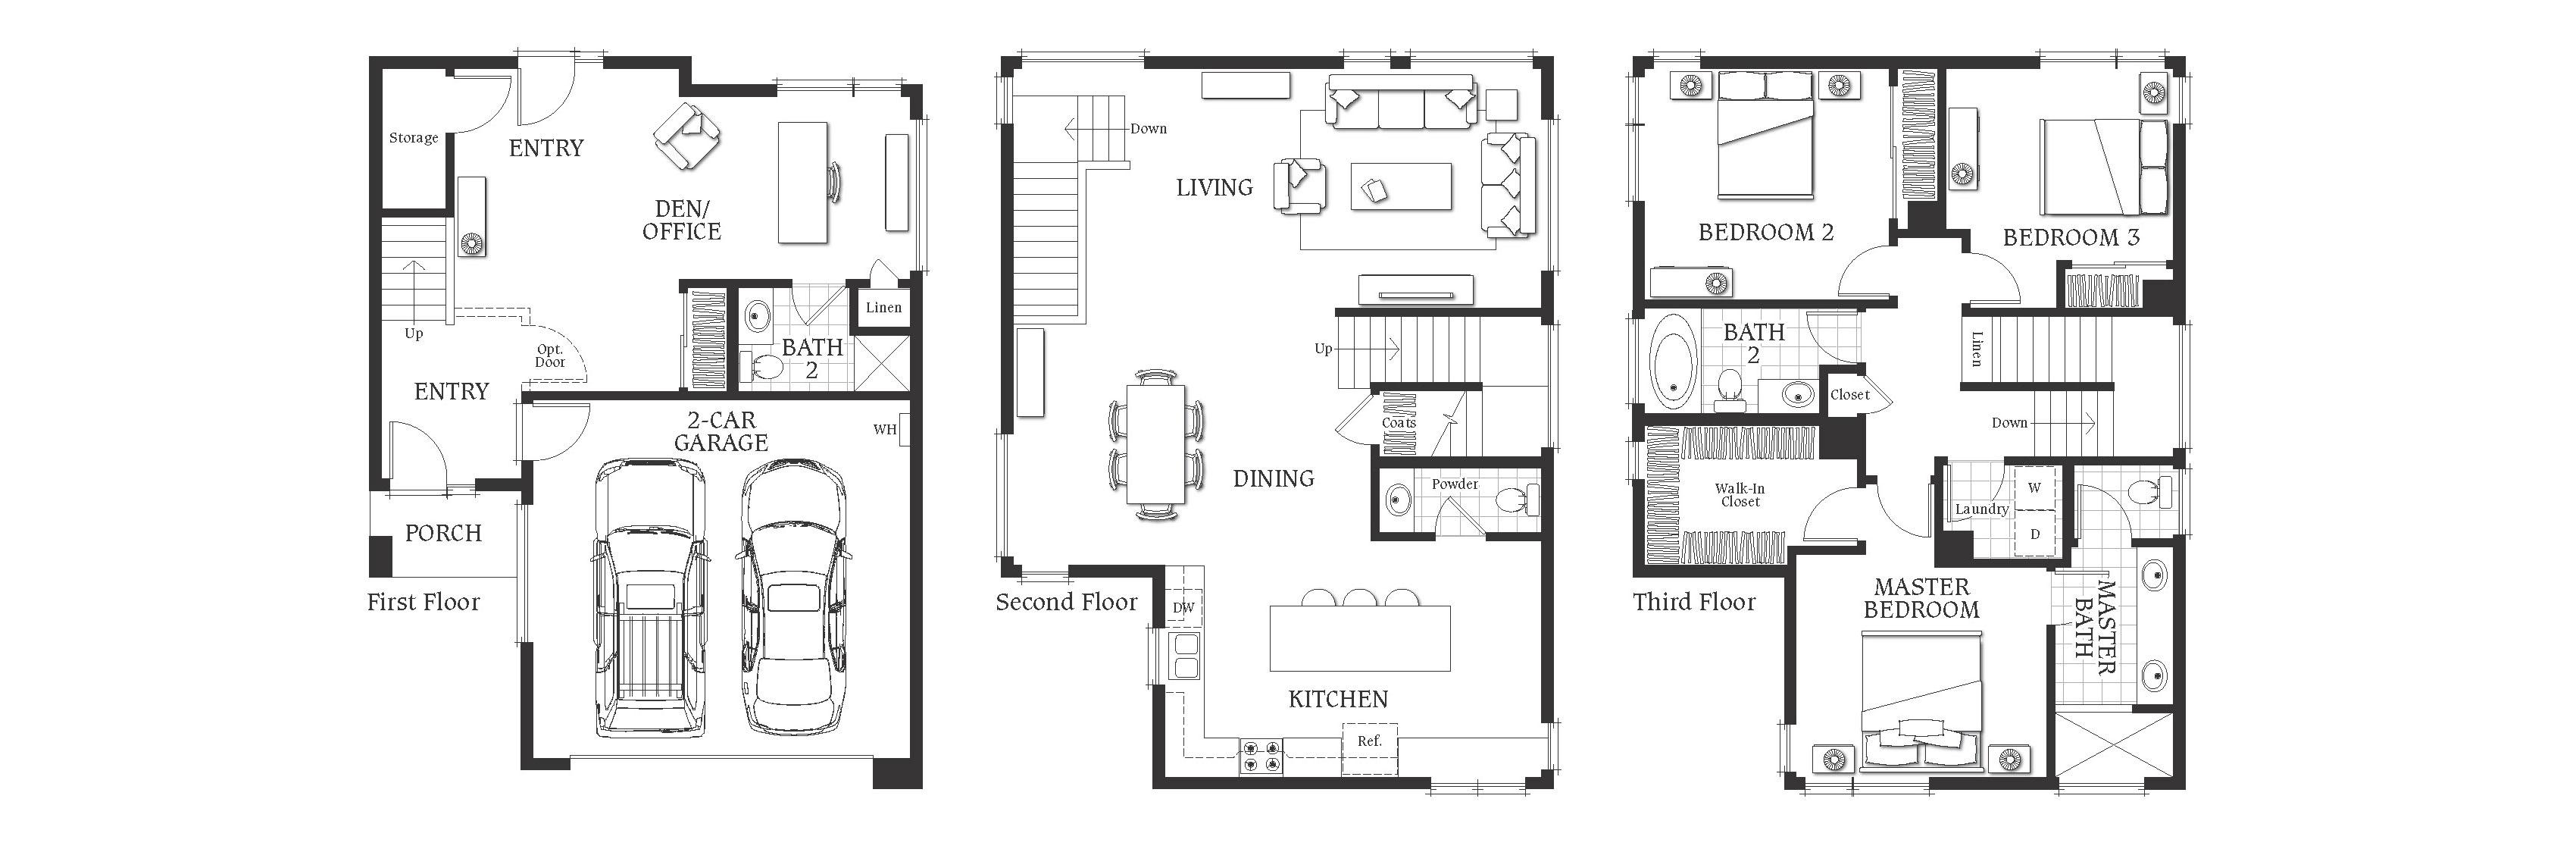 11724 Culver: Floor Plan B